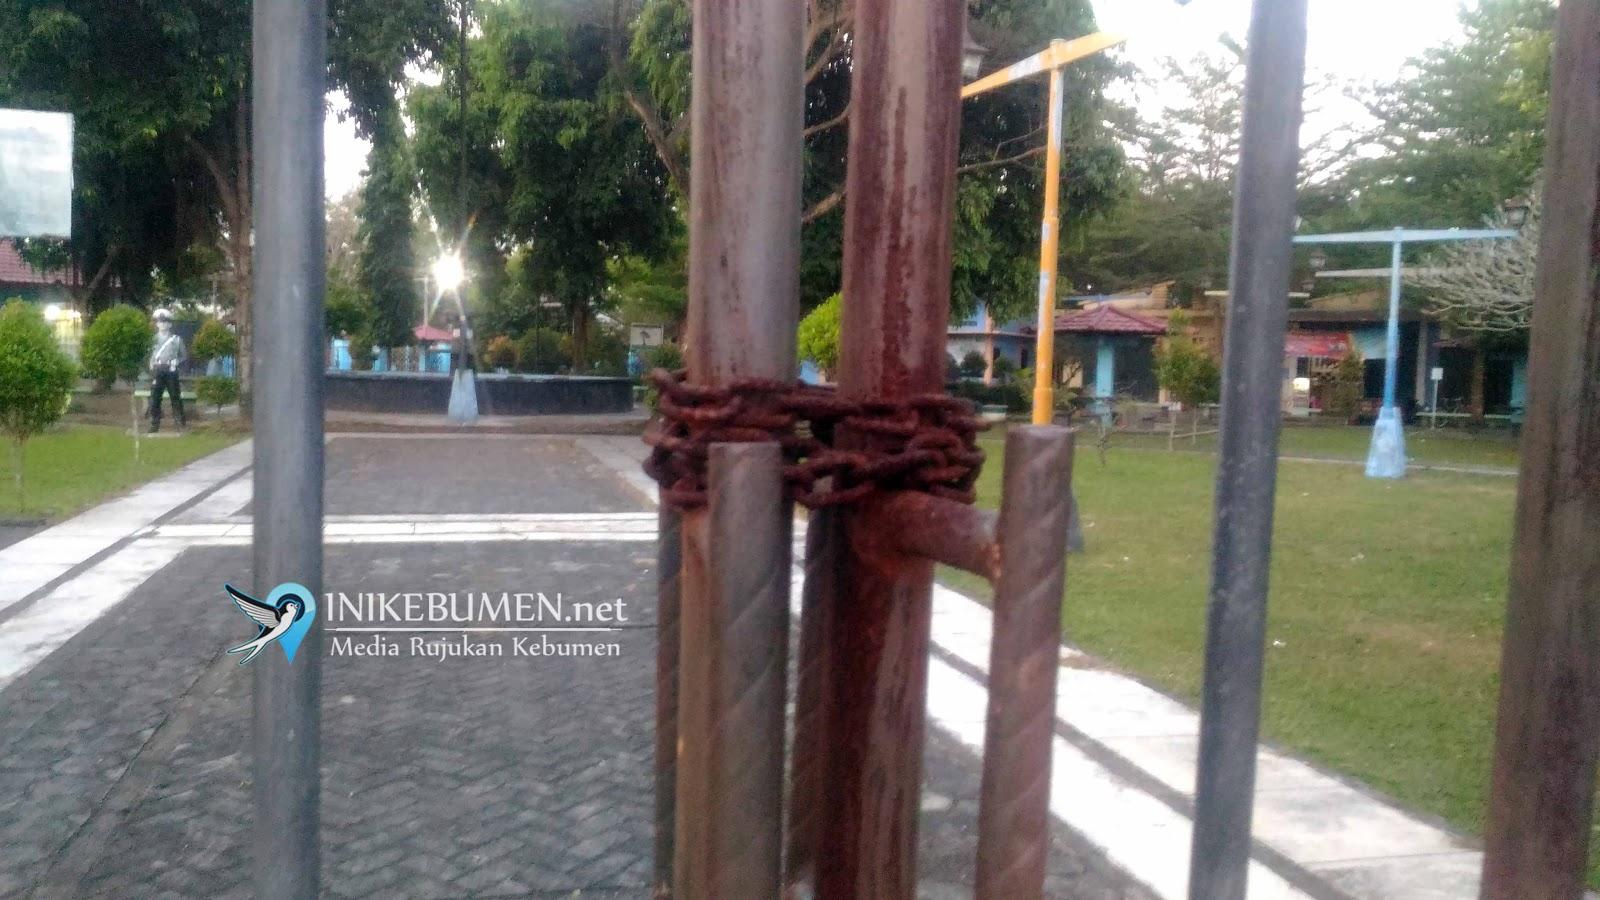 Taman Kota Jendral Sarbini Kebumen Kurang Terawat Jenderal Hm Kab